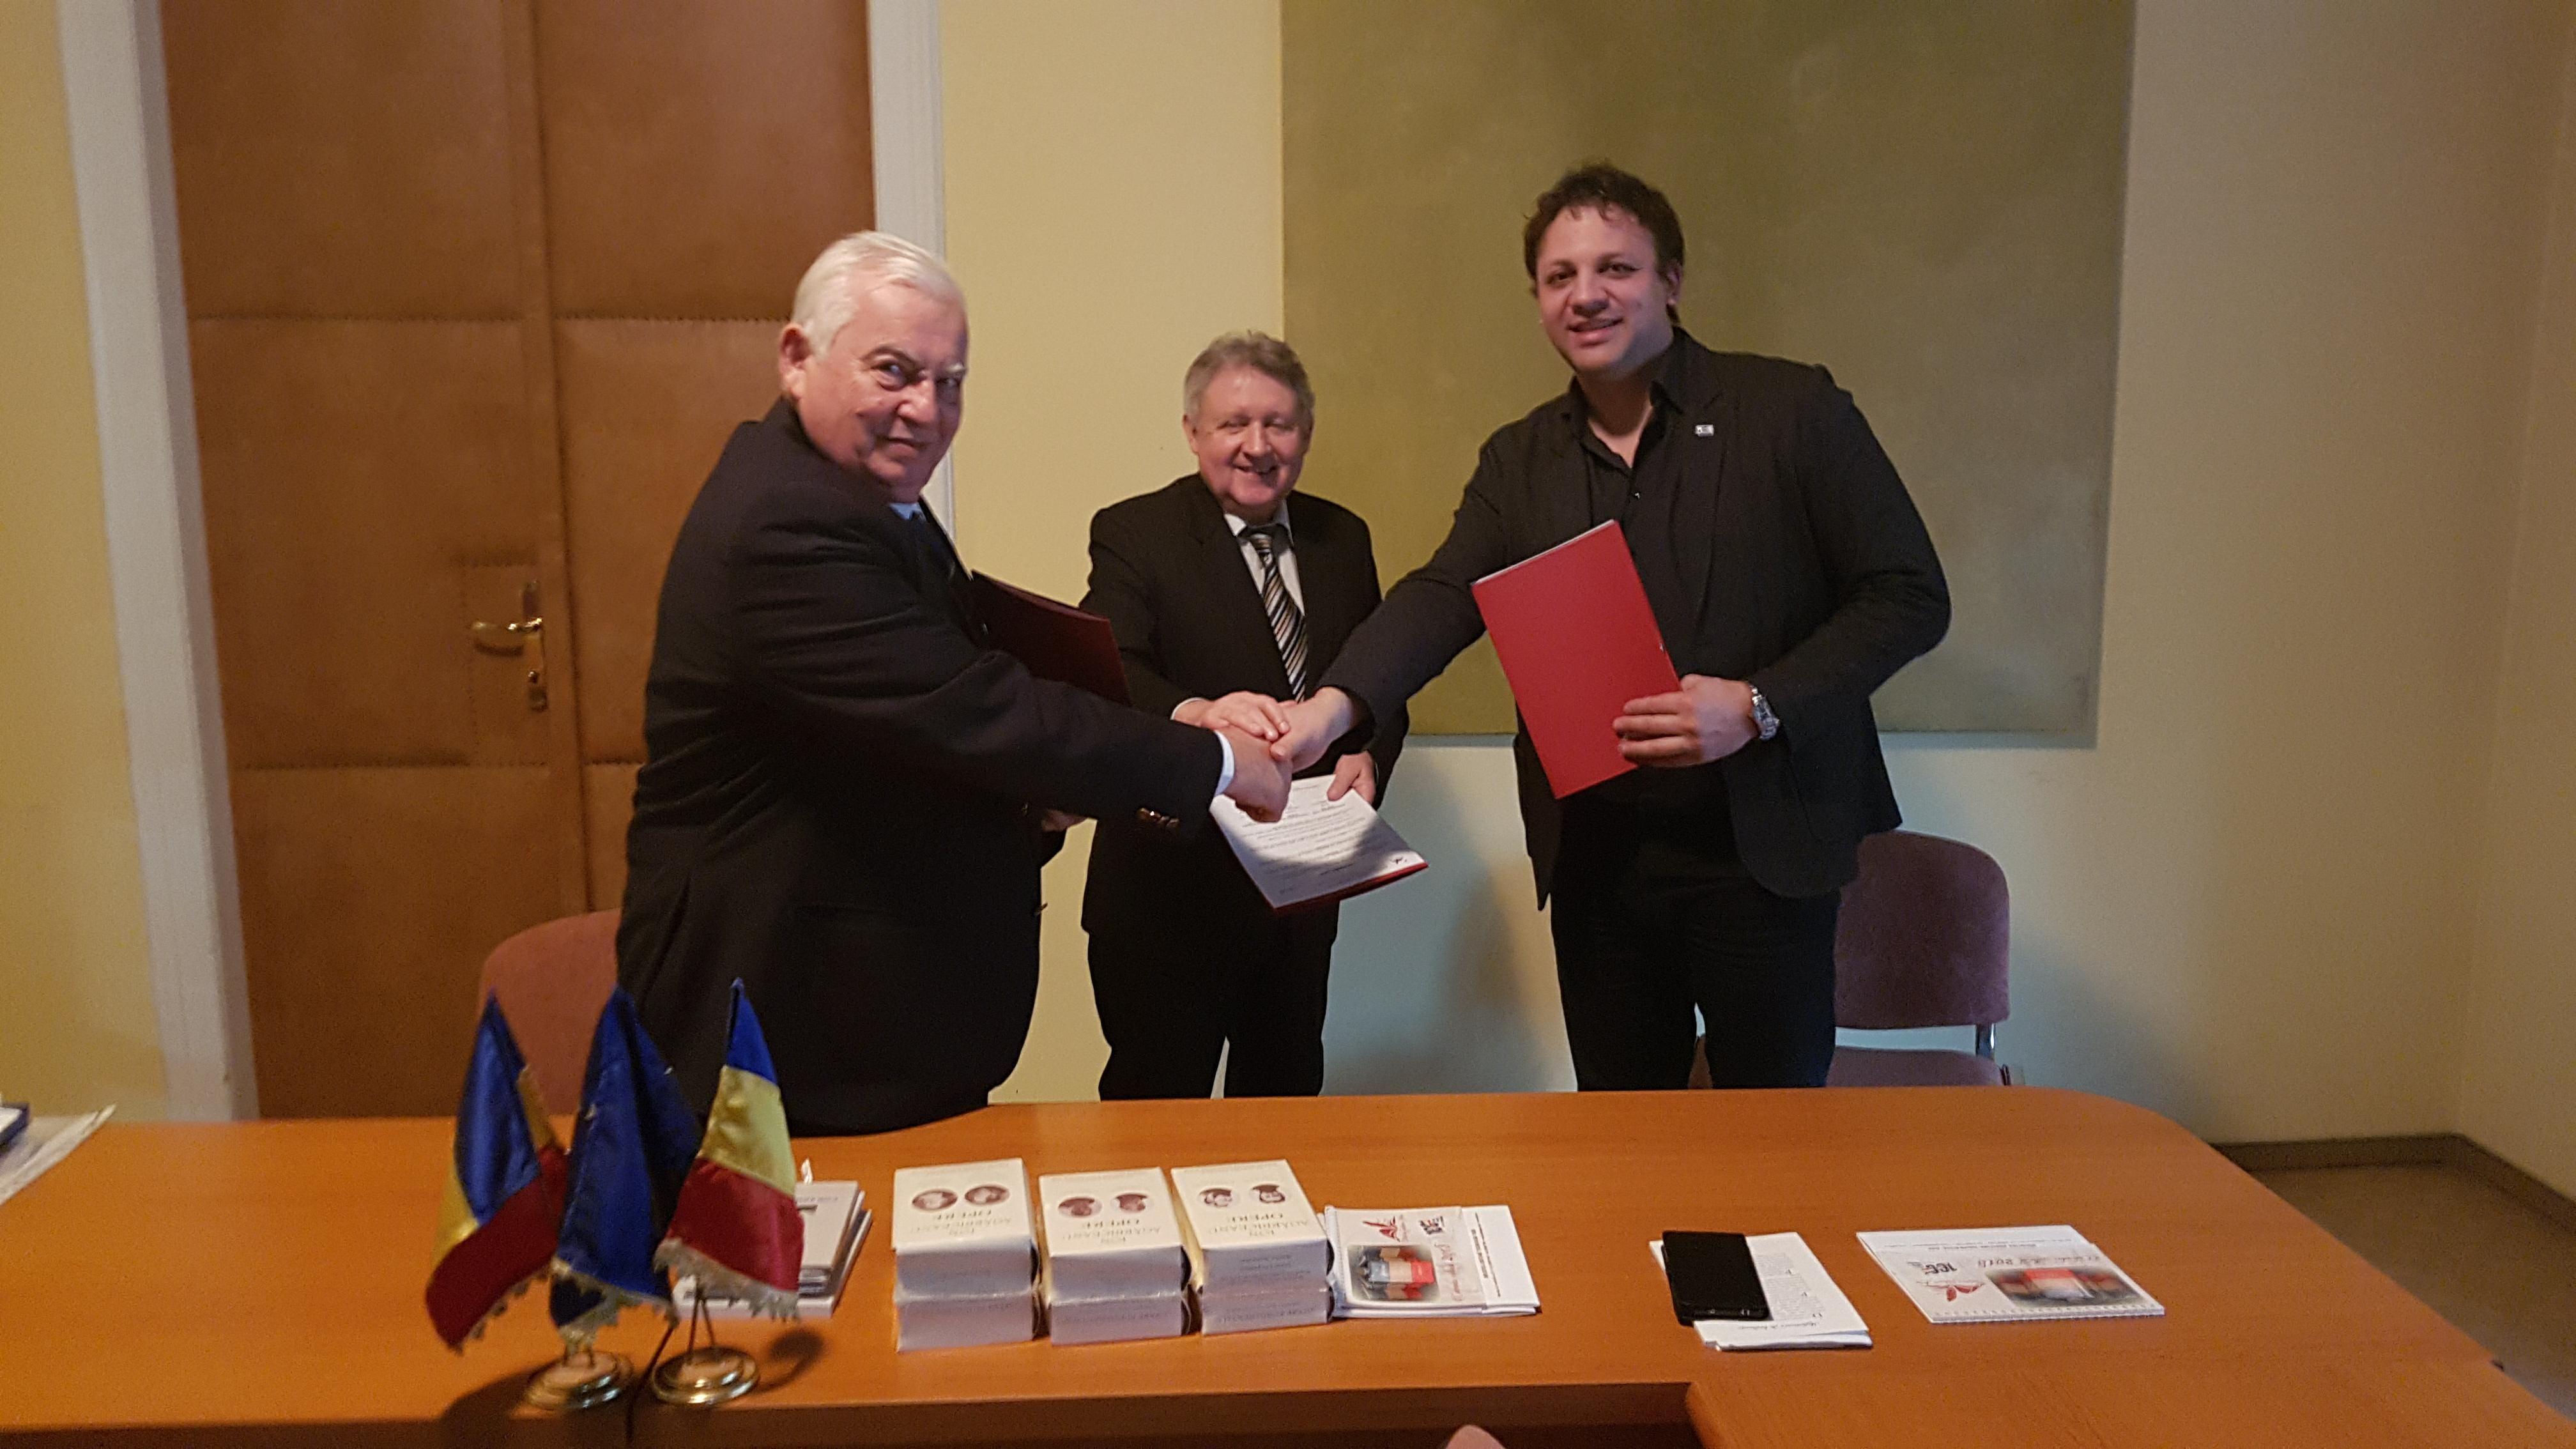 """Premieră: parteneriat între Biblioteca Județeană ,,Lucian Blaga"""" Alba și Academia Română - Filiala Timișoara"""